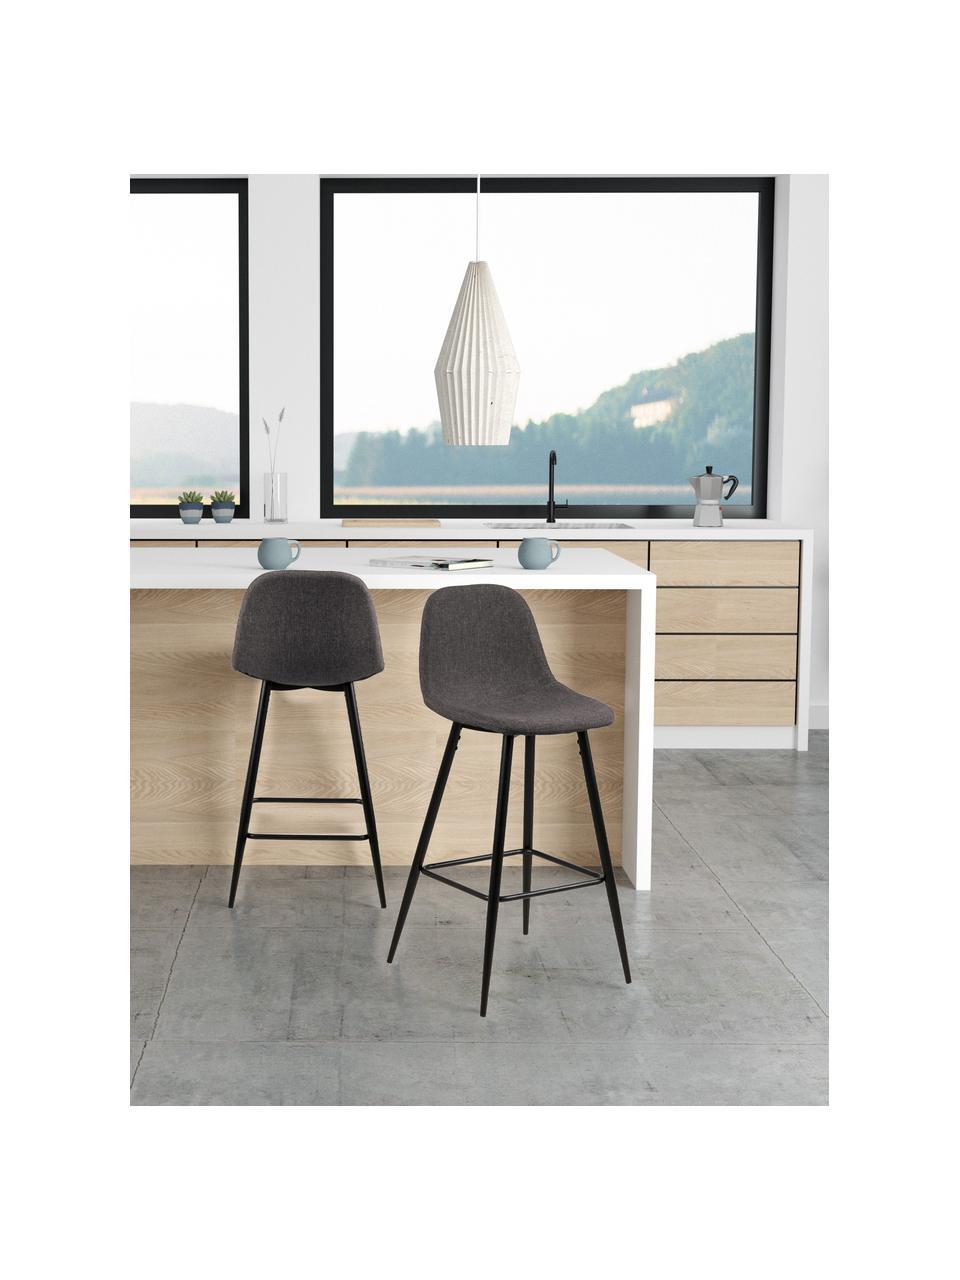 Krzesło kontuarowe Wilma, 2 szt., Tapicerka: poliester, Stelaż: metal lakierowany, Szary, S 44 x W 91 cm